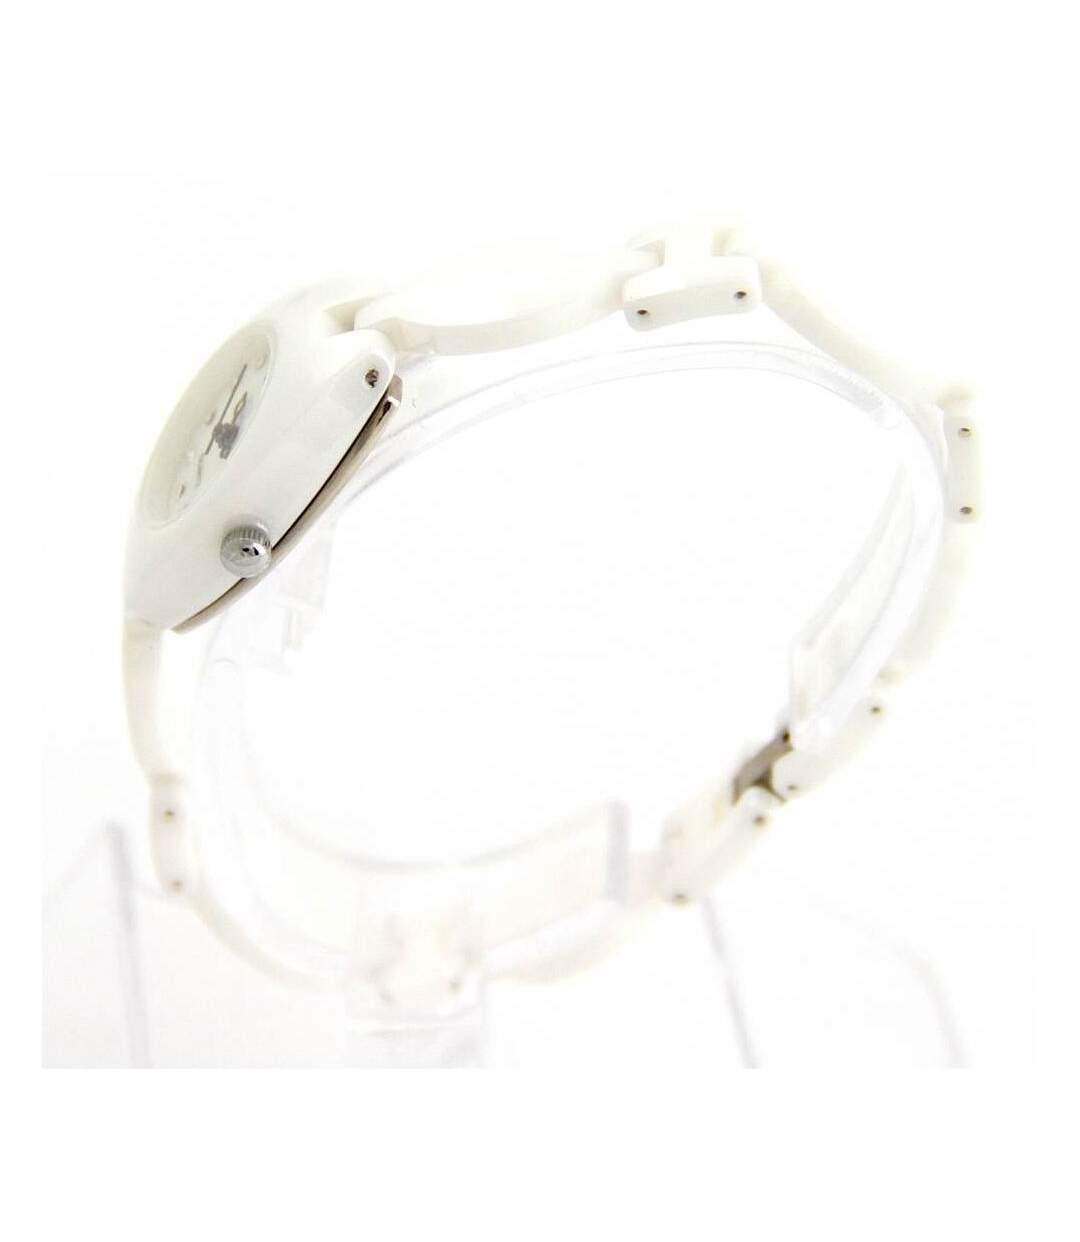 Dégagement Montre Femme SEVEN PRINCESS bracelet Céramique Blanc dsf.d455nksdKLFHG